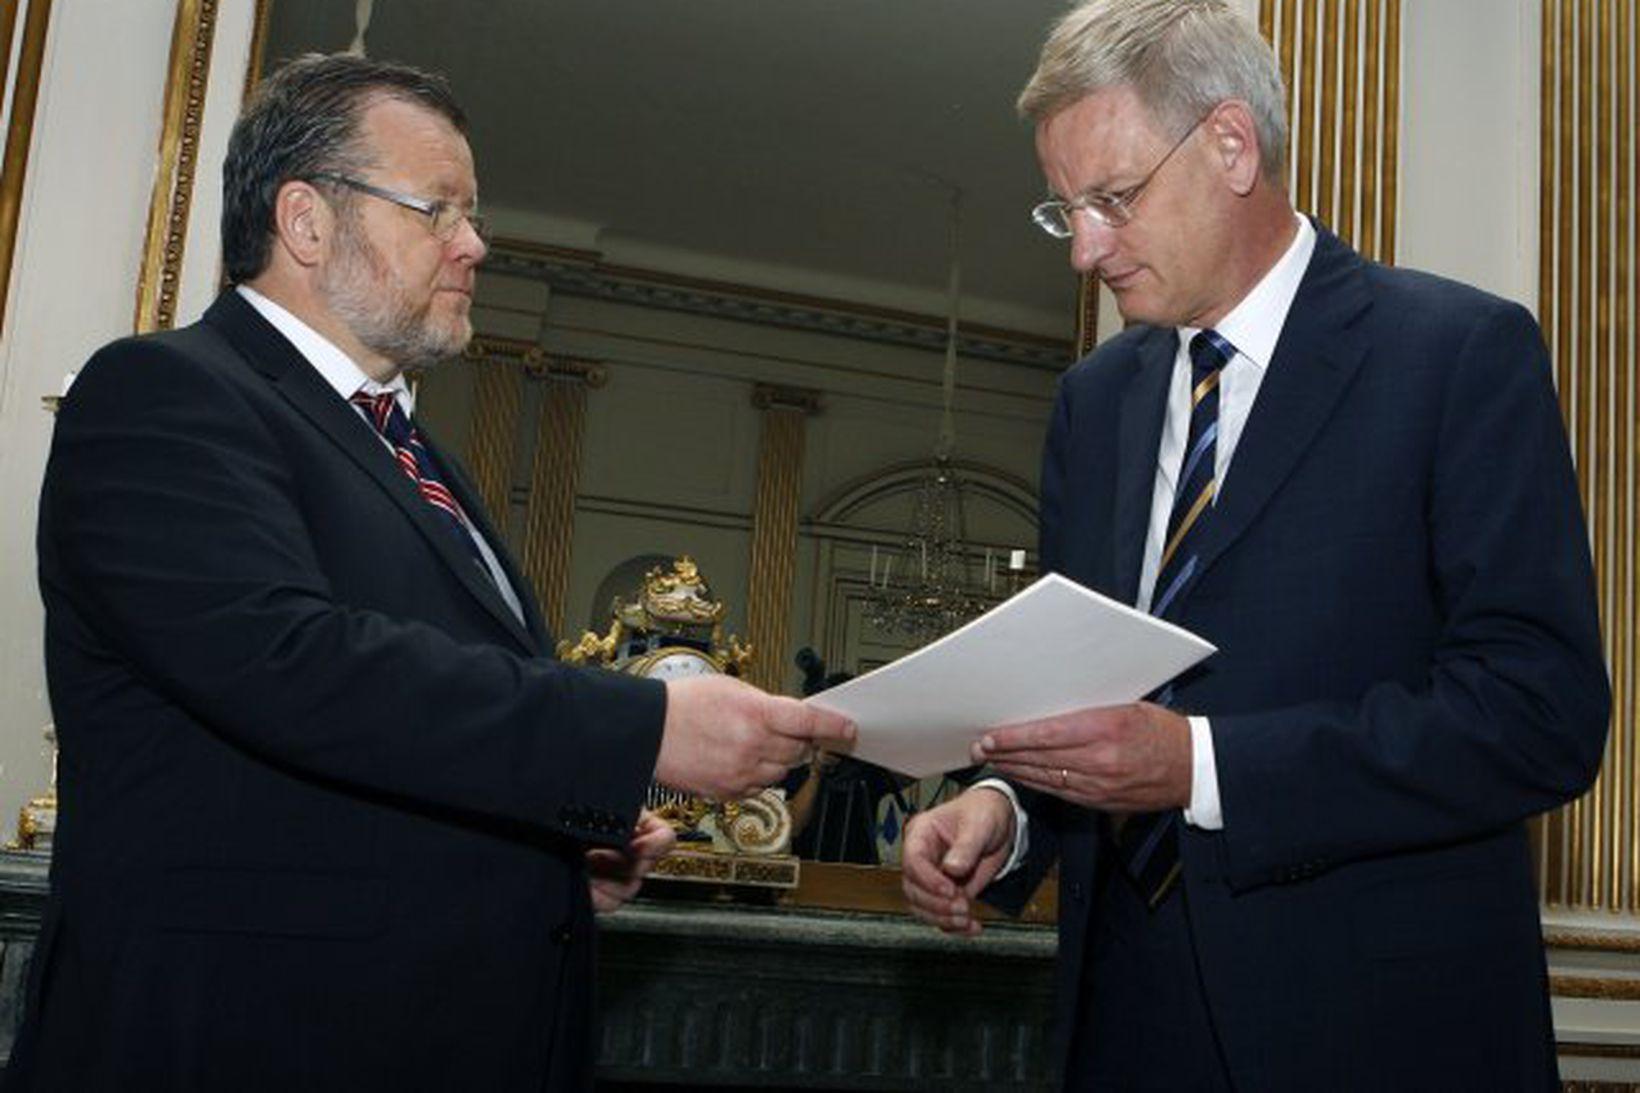 Össur Skarphéðinsson ásamt Carli Bildt í Stokkhólmi í morgun.